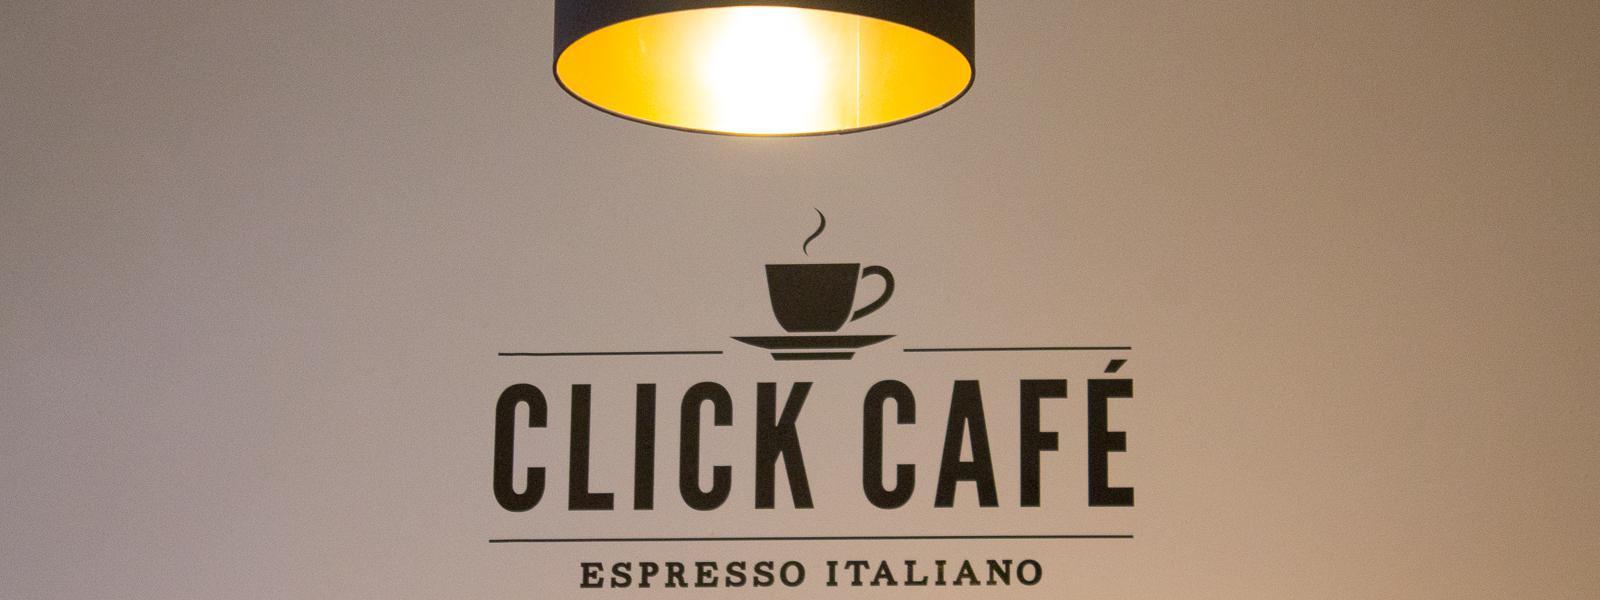 Click cafè Arezzo vendita di Caffè, tè, tisane e infusi Vetrinando